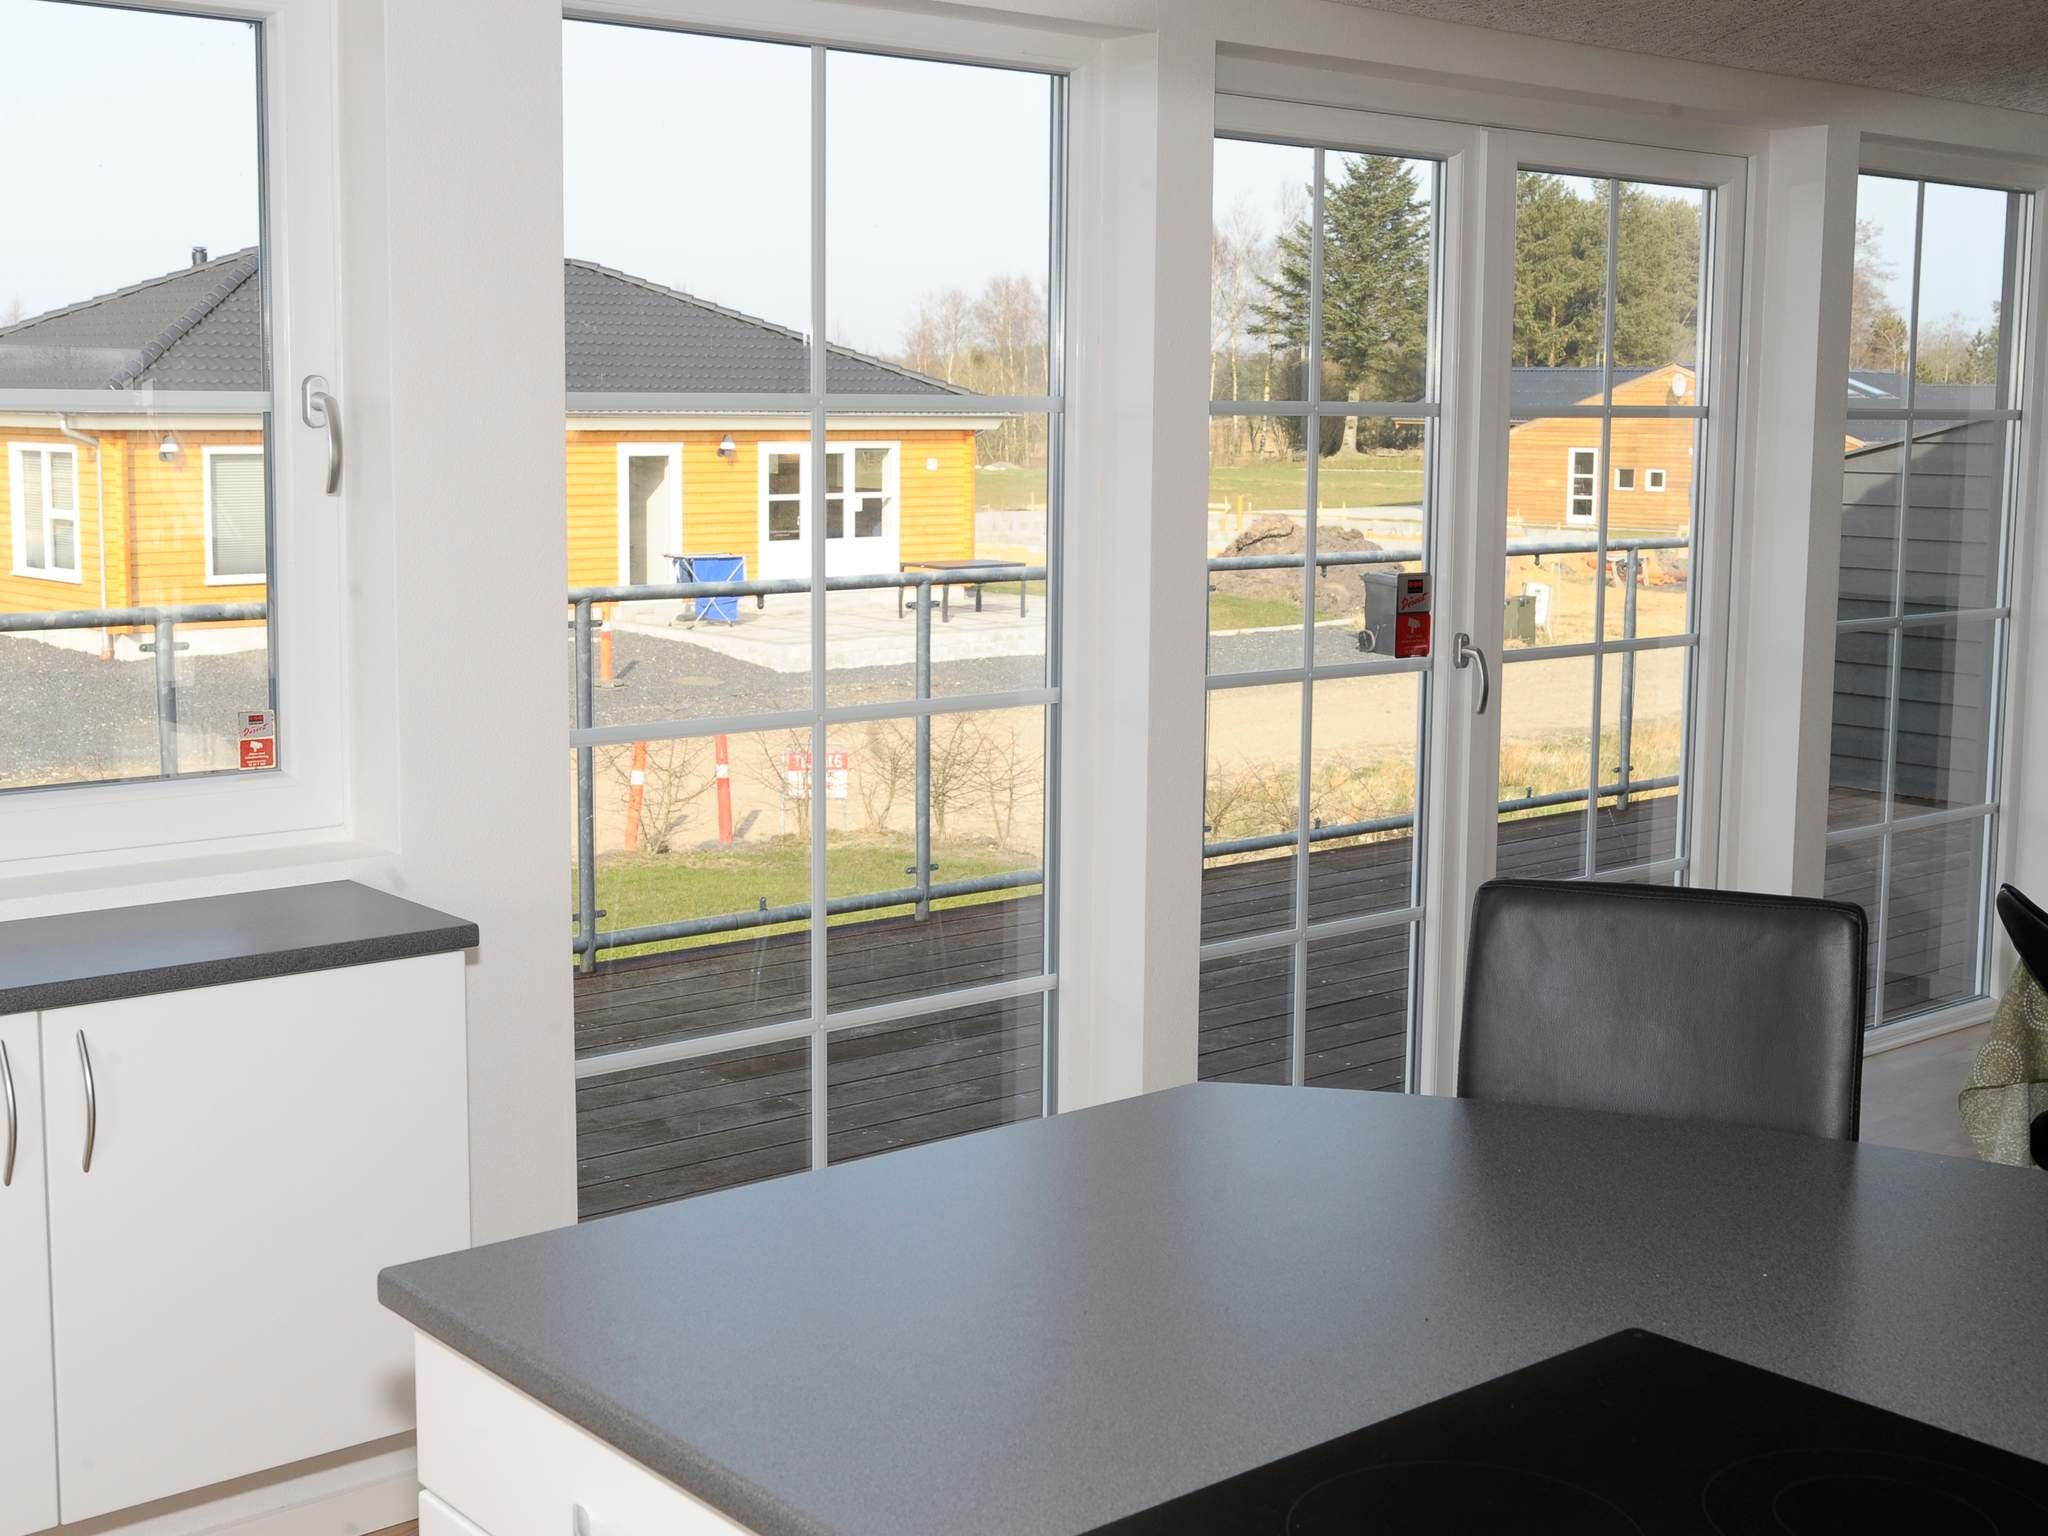 Ferienhaus Kvie Sø (318328), Kvie, , Westjütland, Dänemark, Bild 8